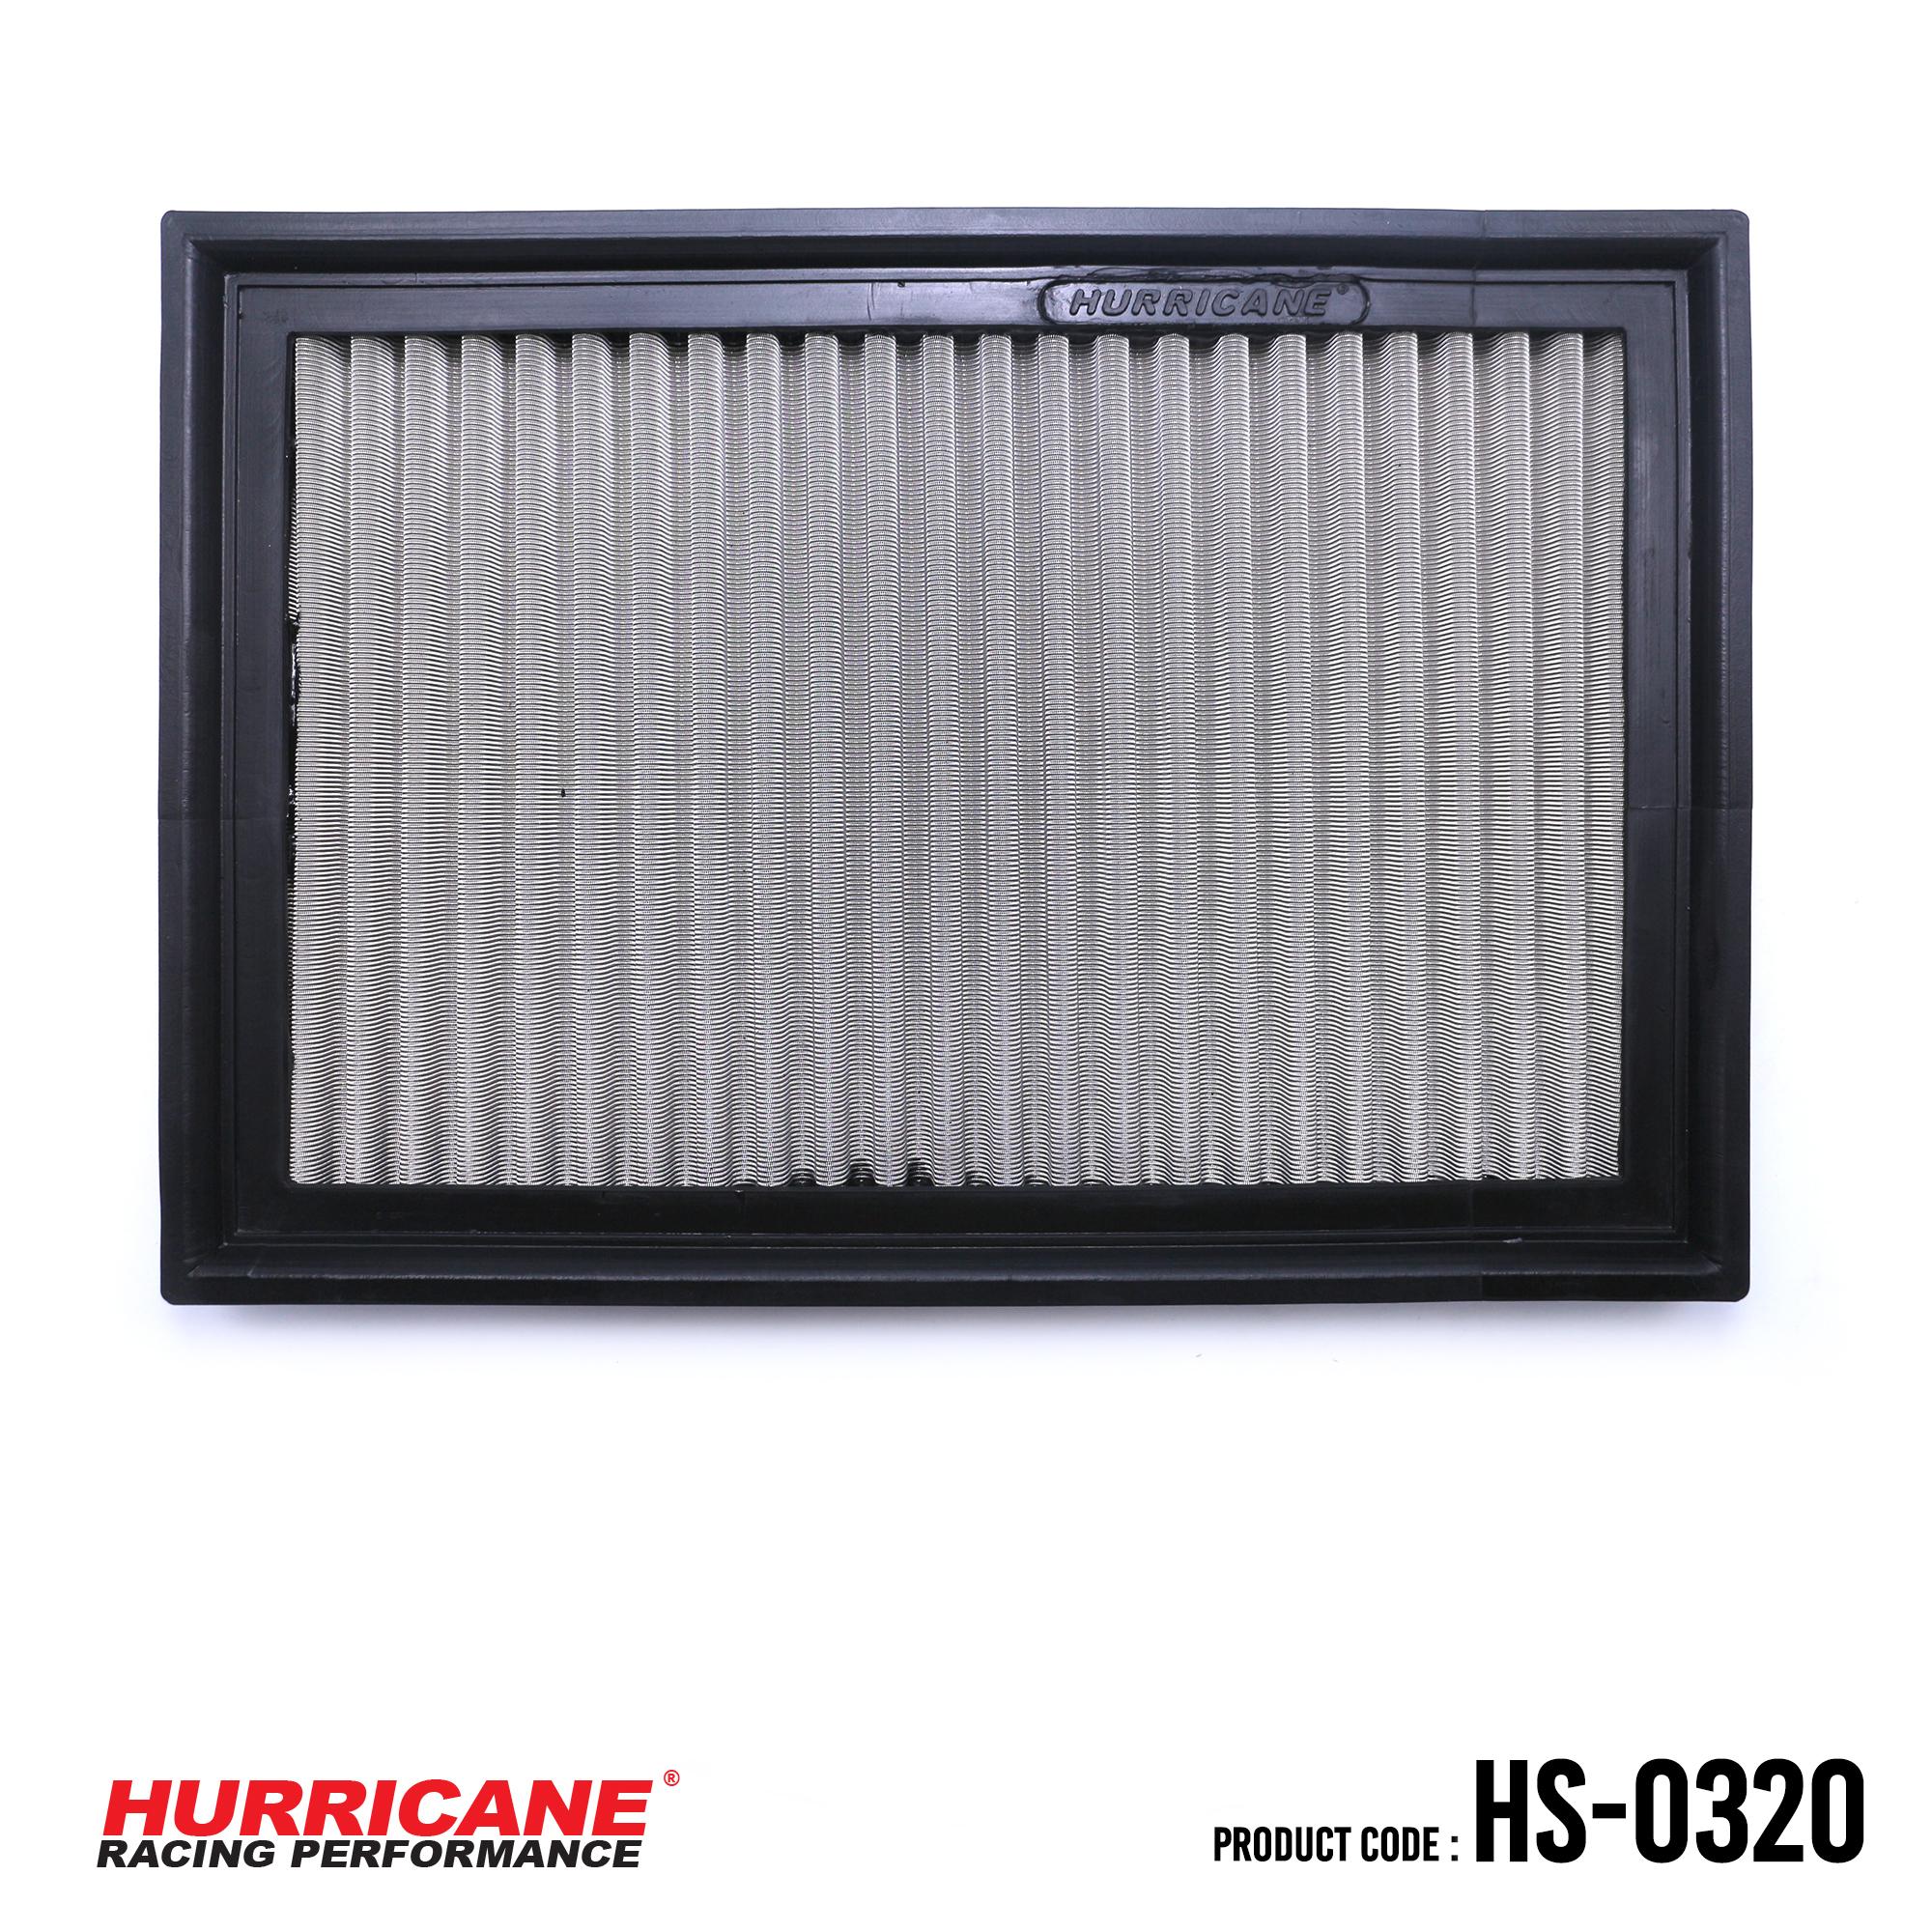 HURRICANE STAINLESS STEEL AIR FILTER FOR HS-0320 LexusToyota